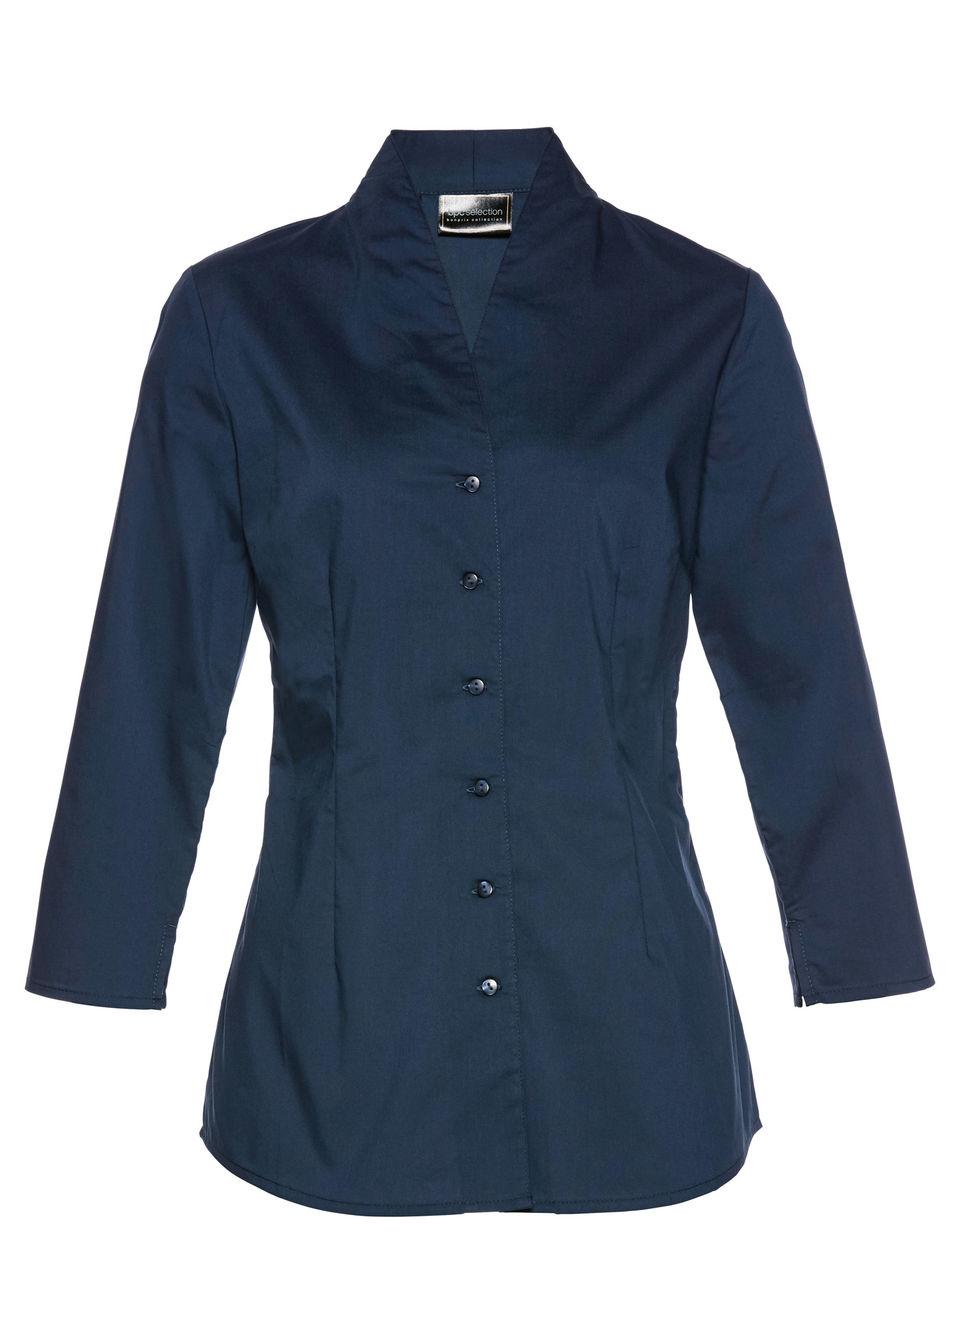 Блузка с воротником-стойкой от bonprix